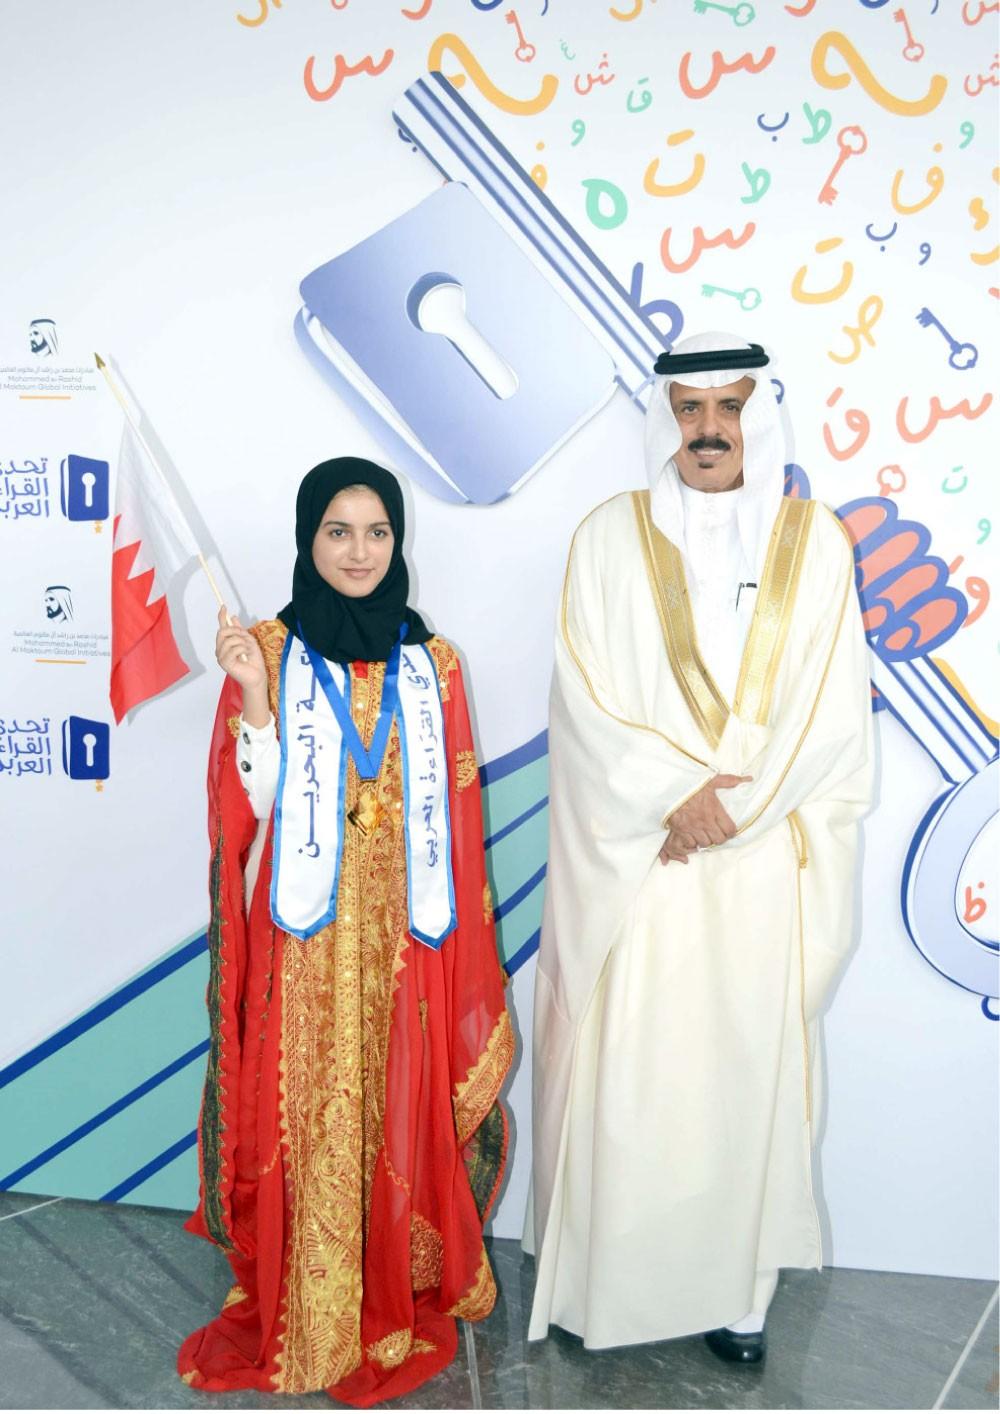 50 ألف طالب بحريني في تحدي القراءة